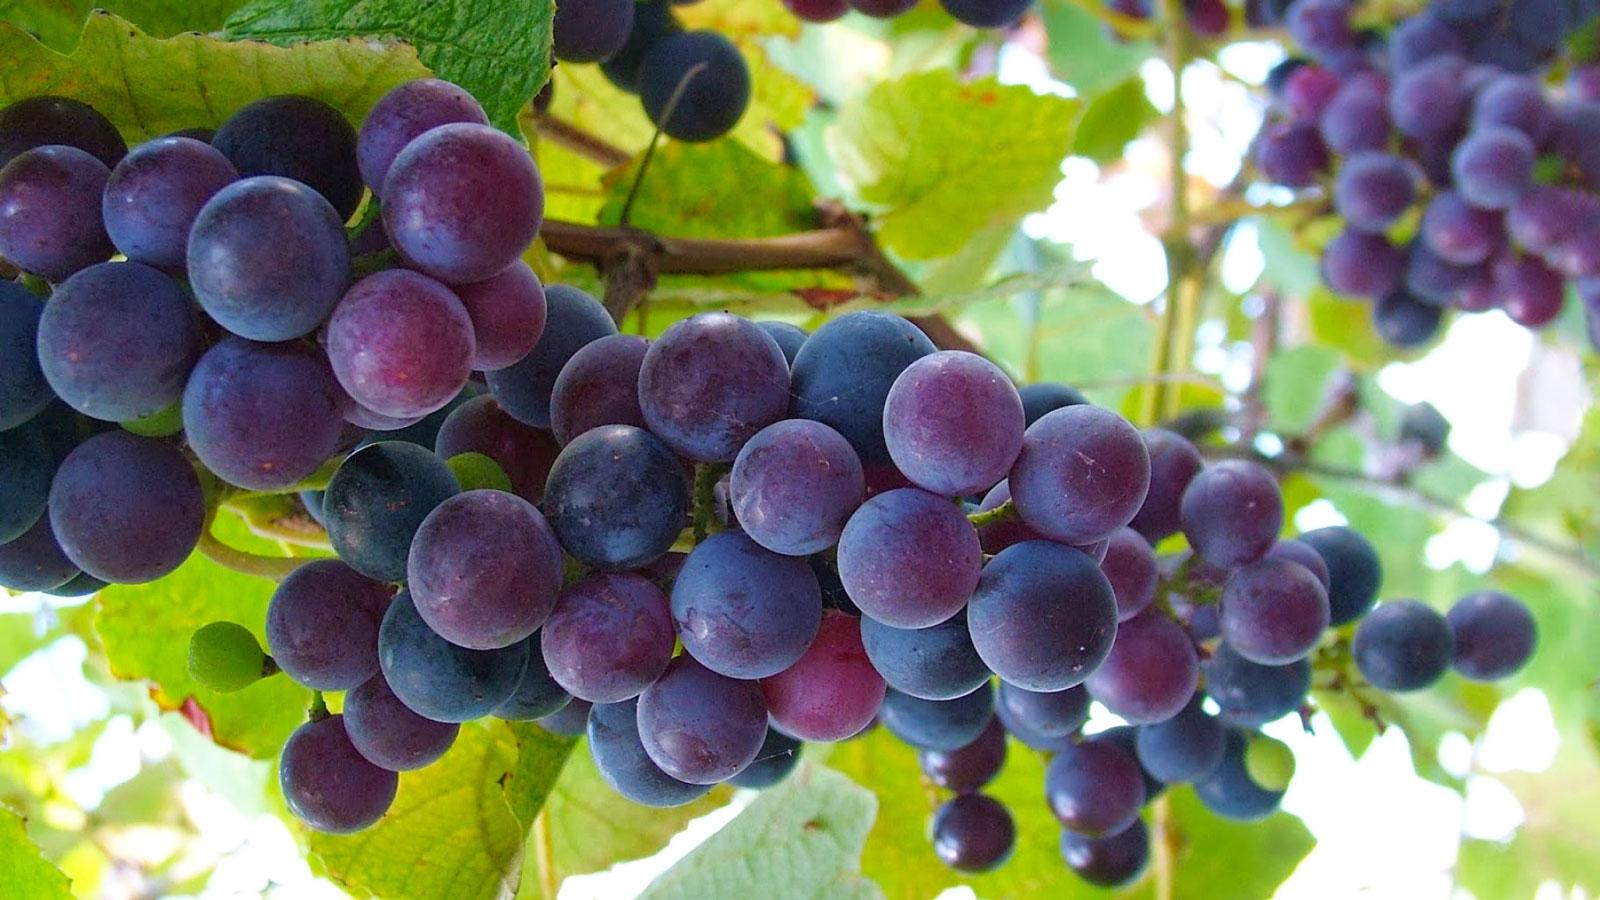 uva Cantine di Mezzaluna